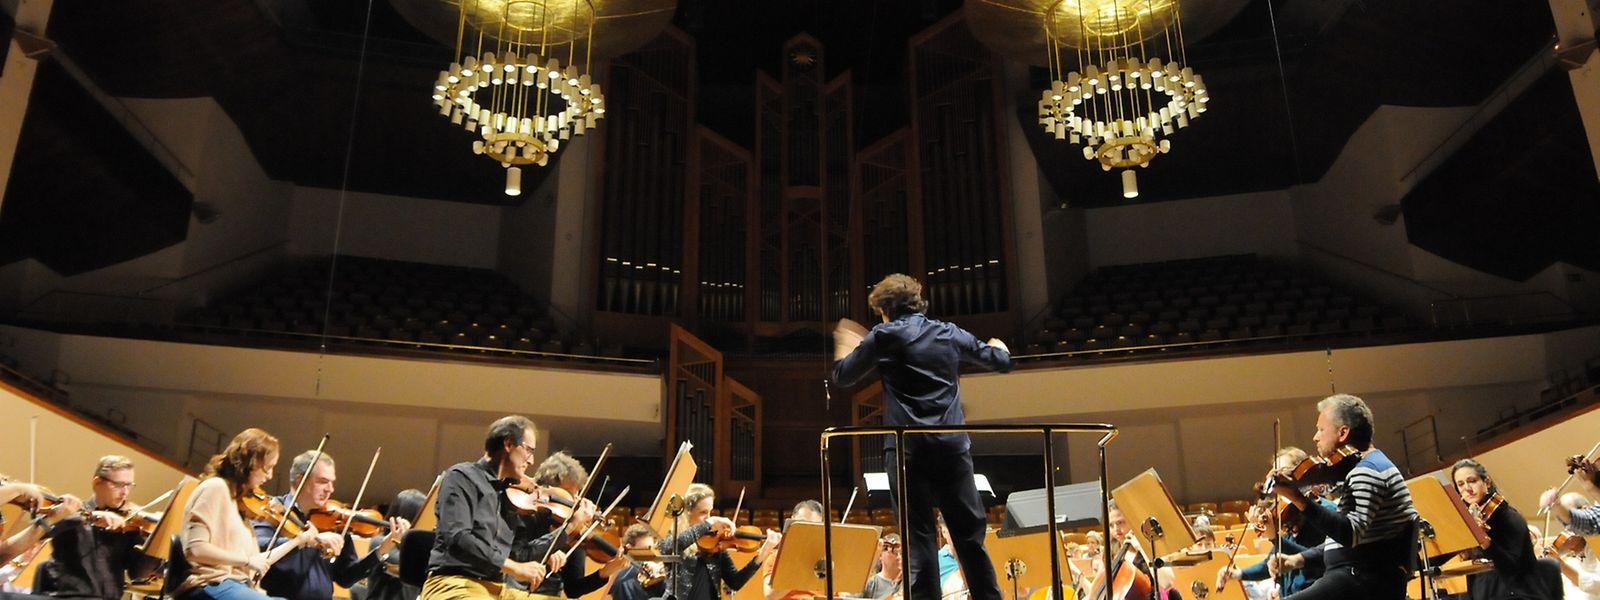 Gustavo Gimeno und das OPL proben im Auditorio Nacional de Música.